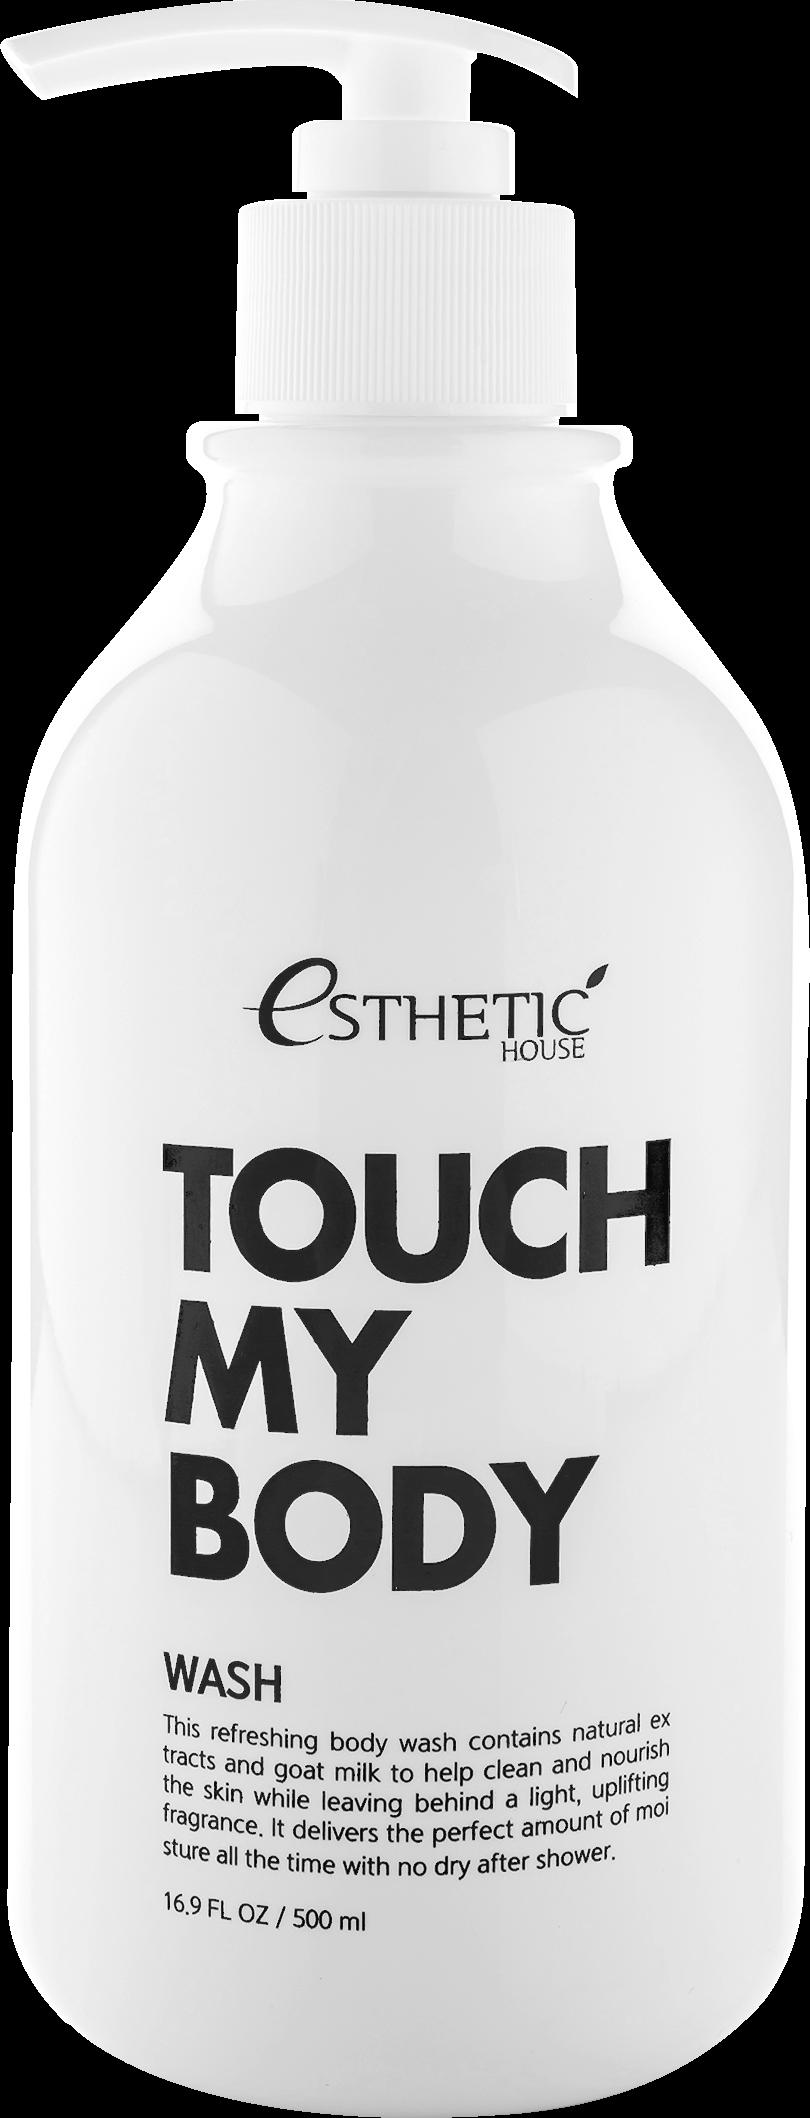 Esthetic House Гель My Body Goat Milk Wash для Душа с Козьим Молоком, 500 мл